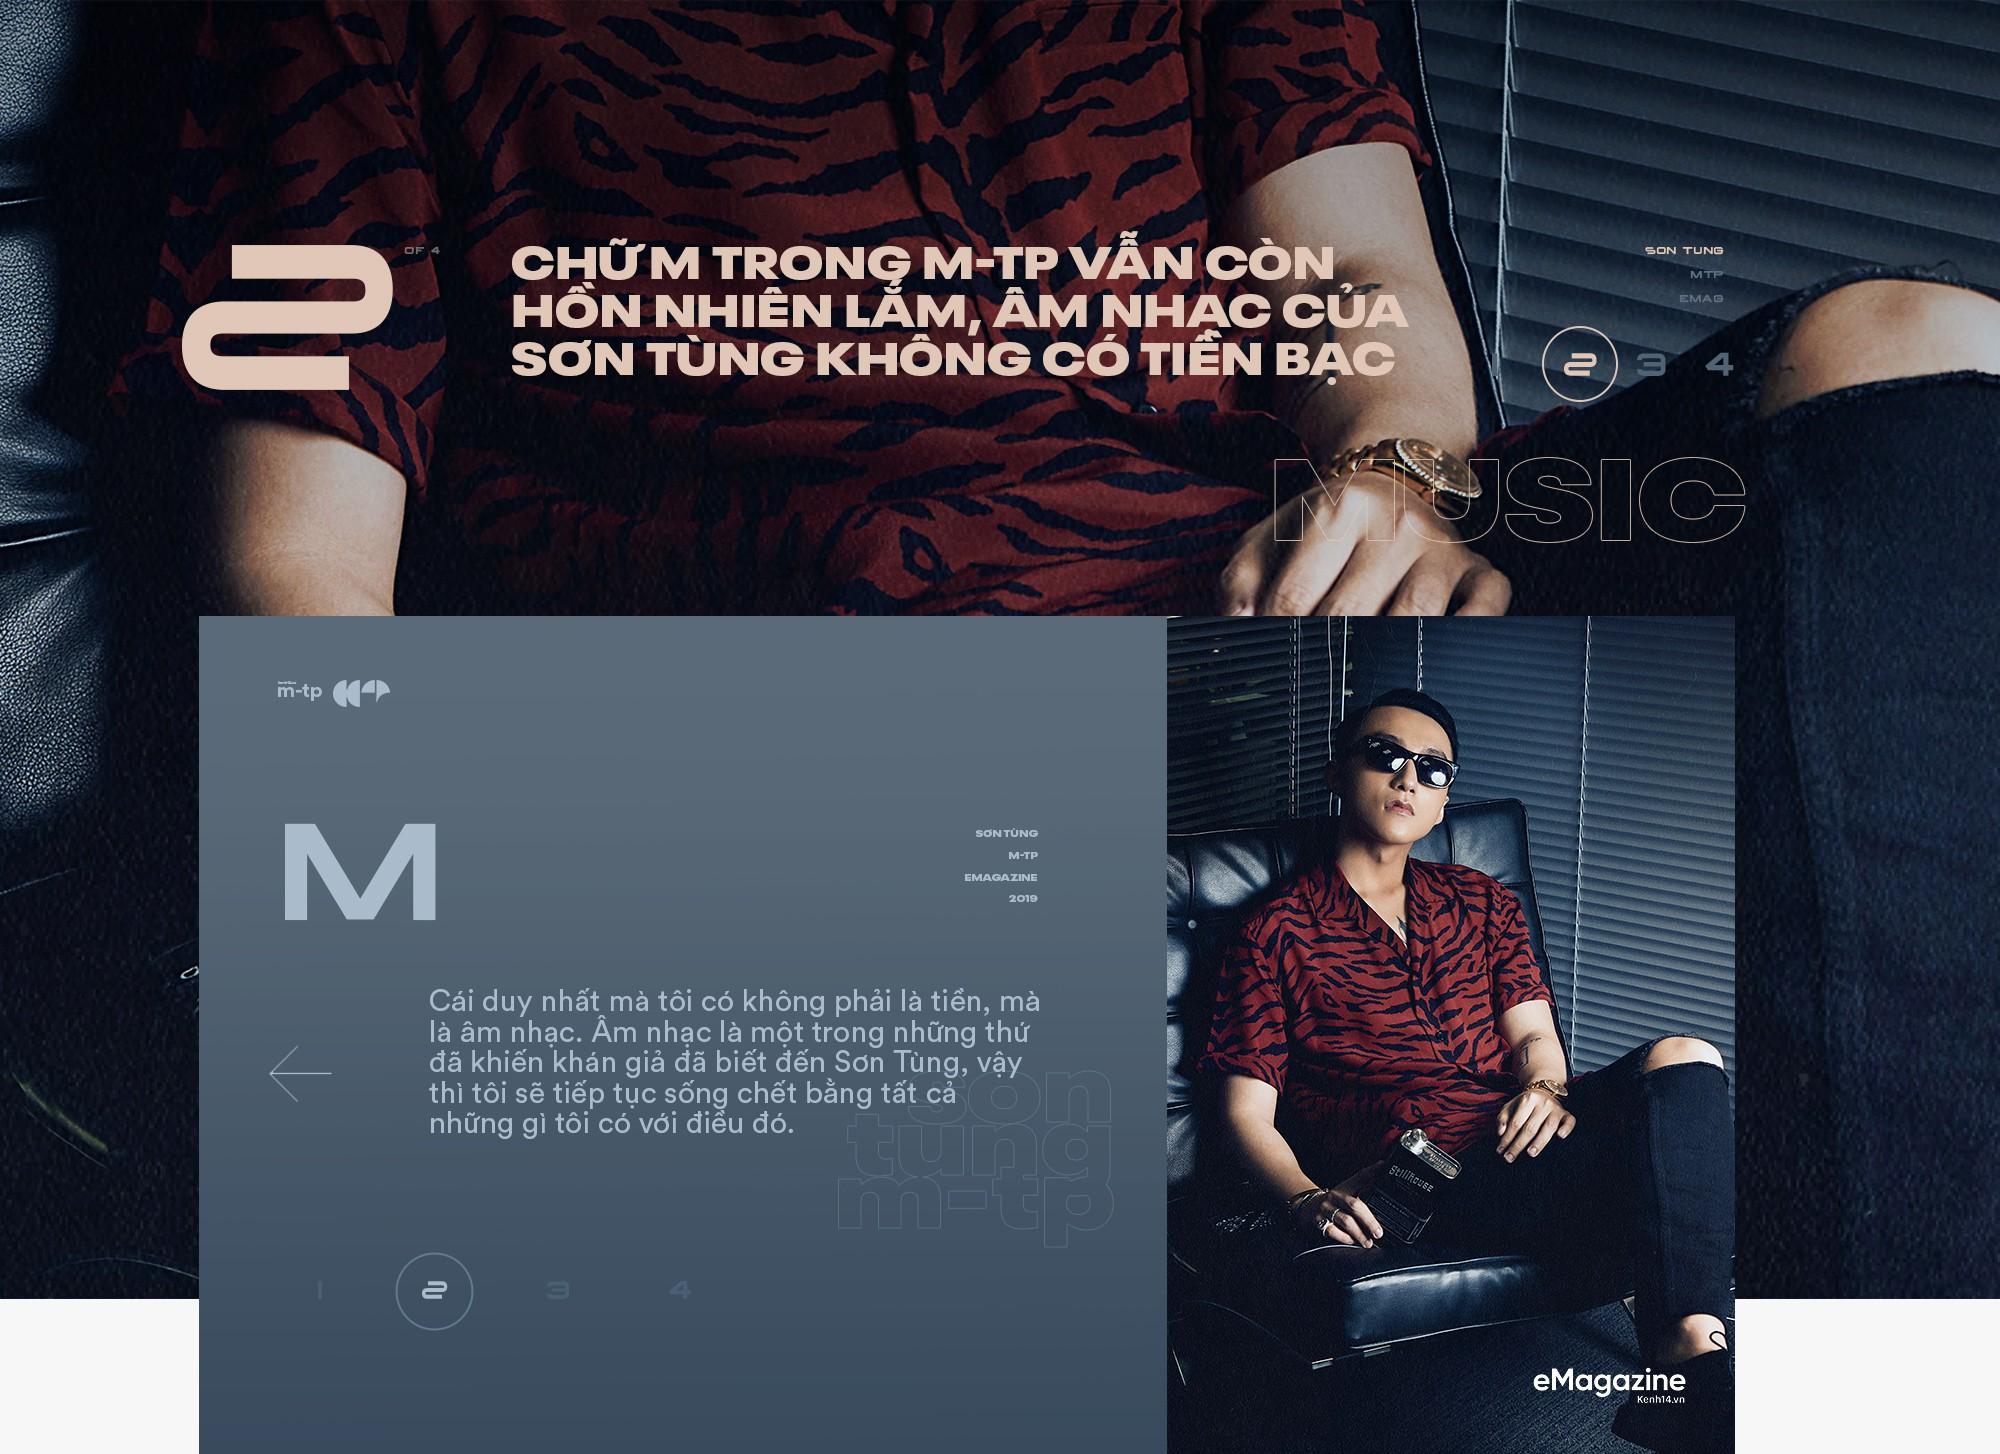 """Hãy trao cho anh và """"Áp lực là Sơn Tùng M-TP"""": Khi nào tôi đứng trên sân khấu ở bên Mỹ, hát bằng tiếng Anh, tiếng Việt thì nói chuyện tiếp - Ảnh 8."""